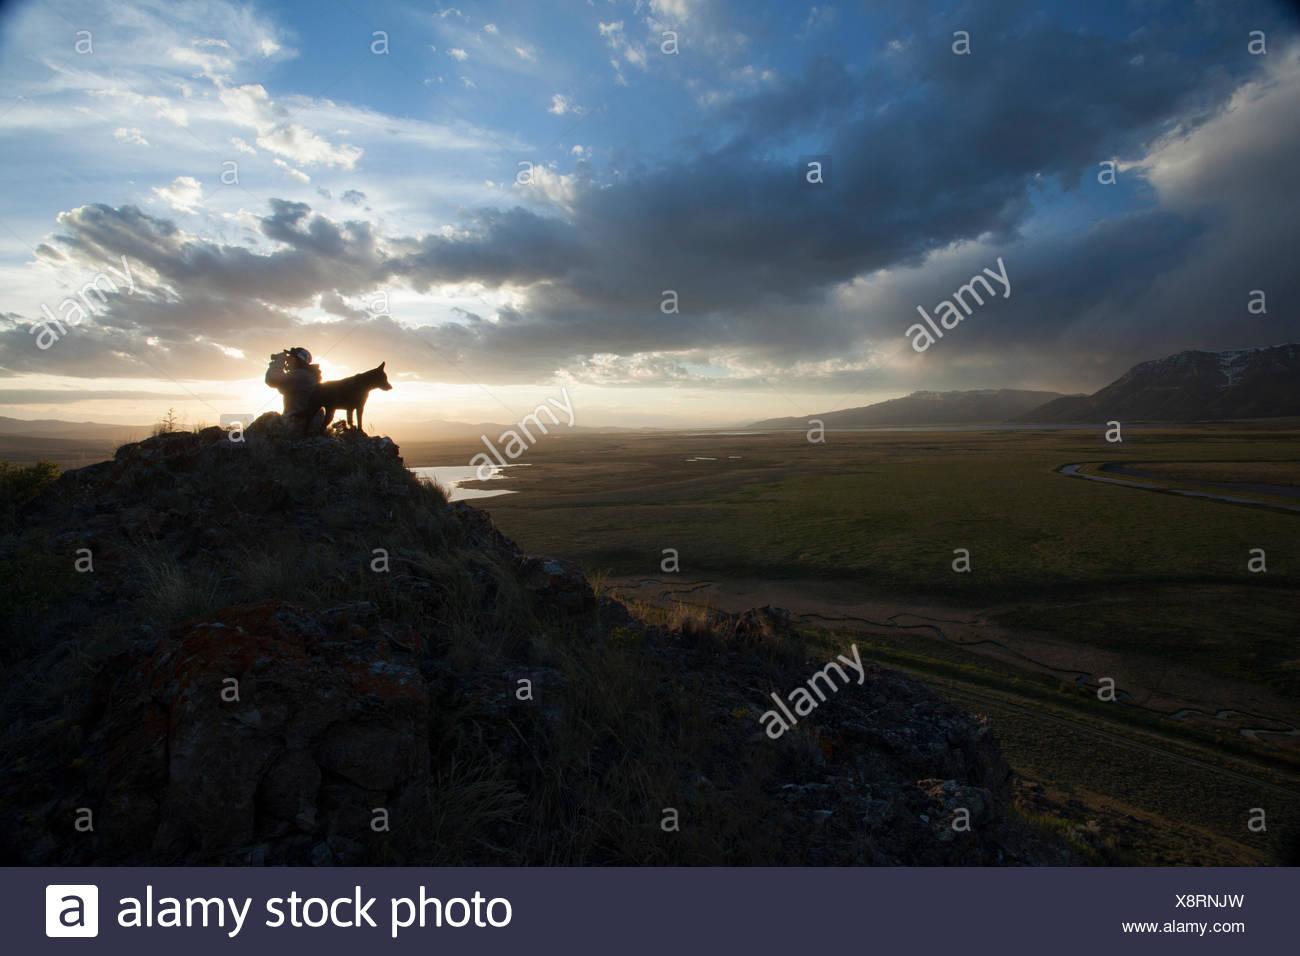 Un wildlife tour guida nella maggior ecosistema di Yellowstone prende il tramonto con il suo cane. Immagini Stock